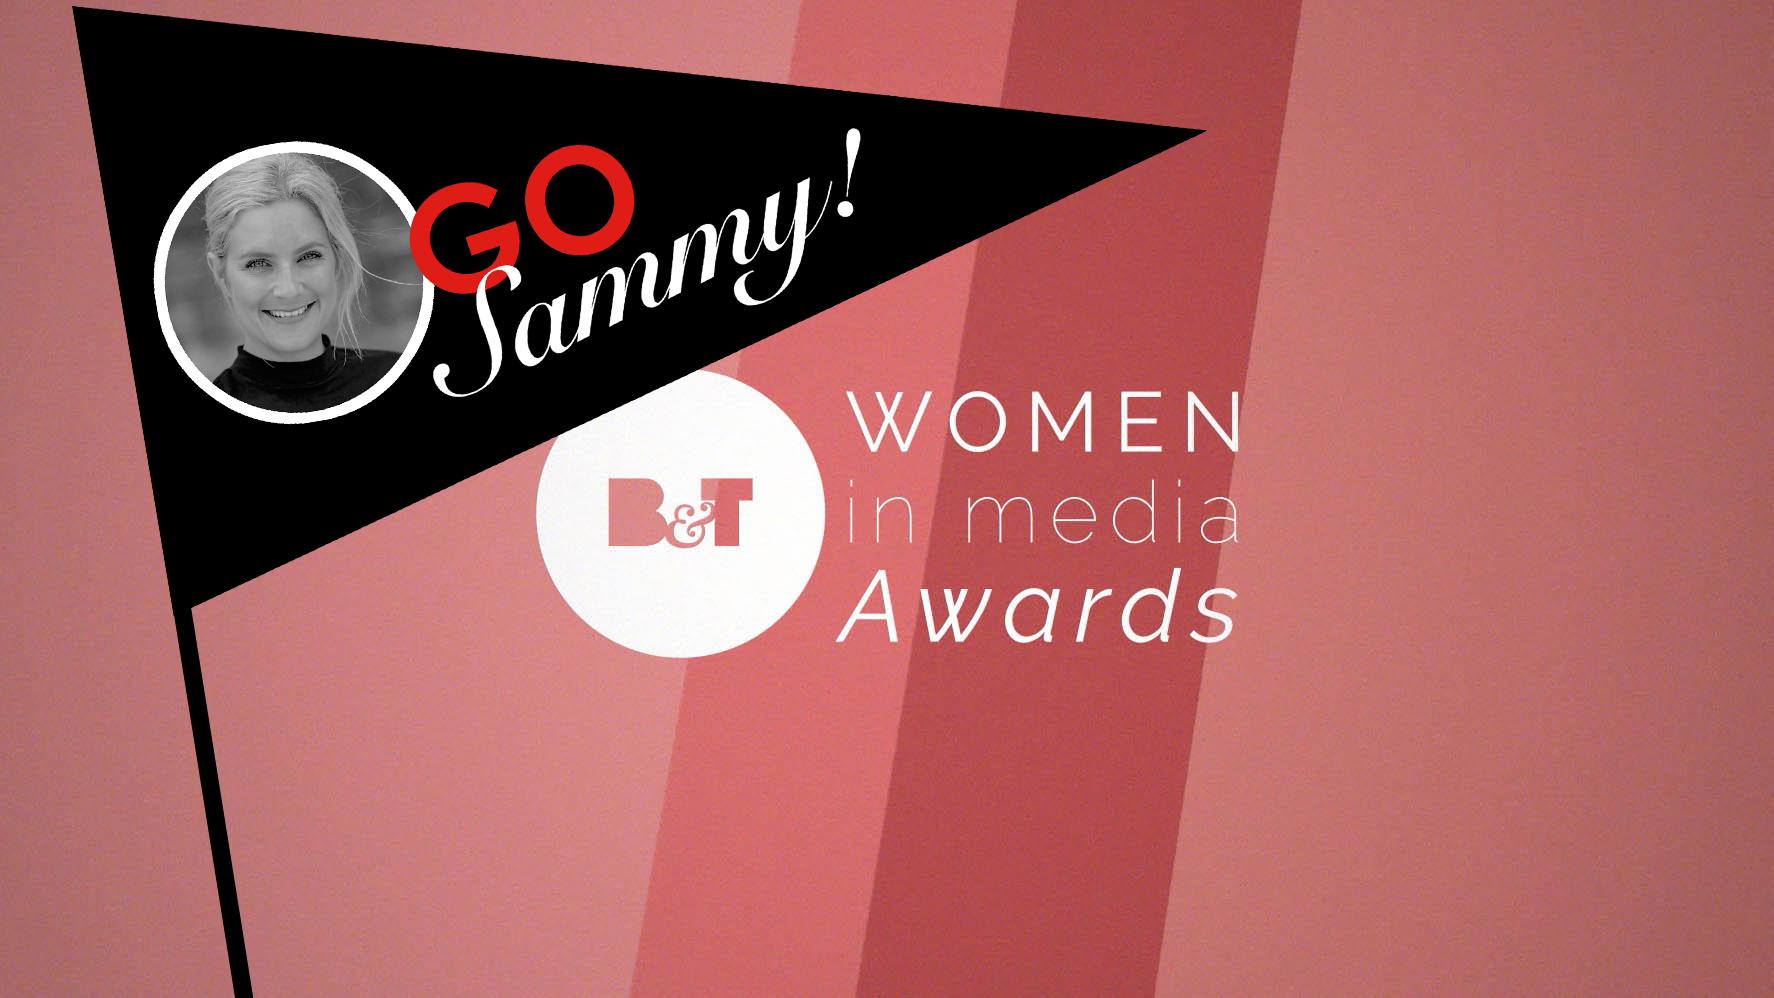 Sammy Bolton in Women in Media Awards